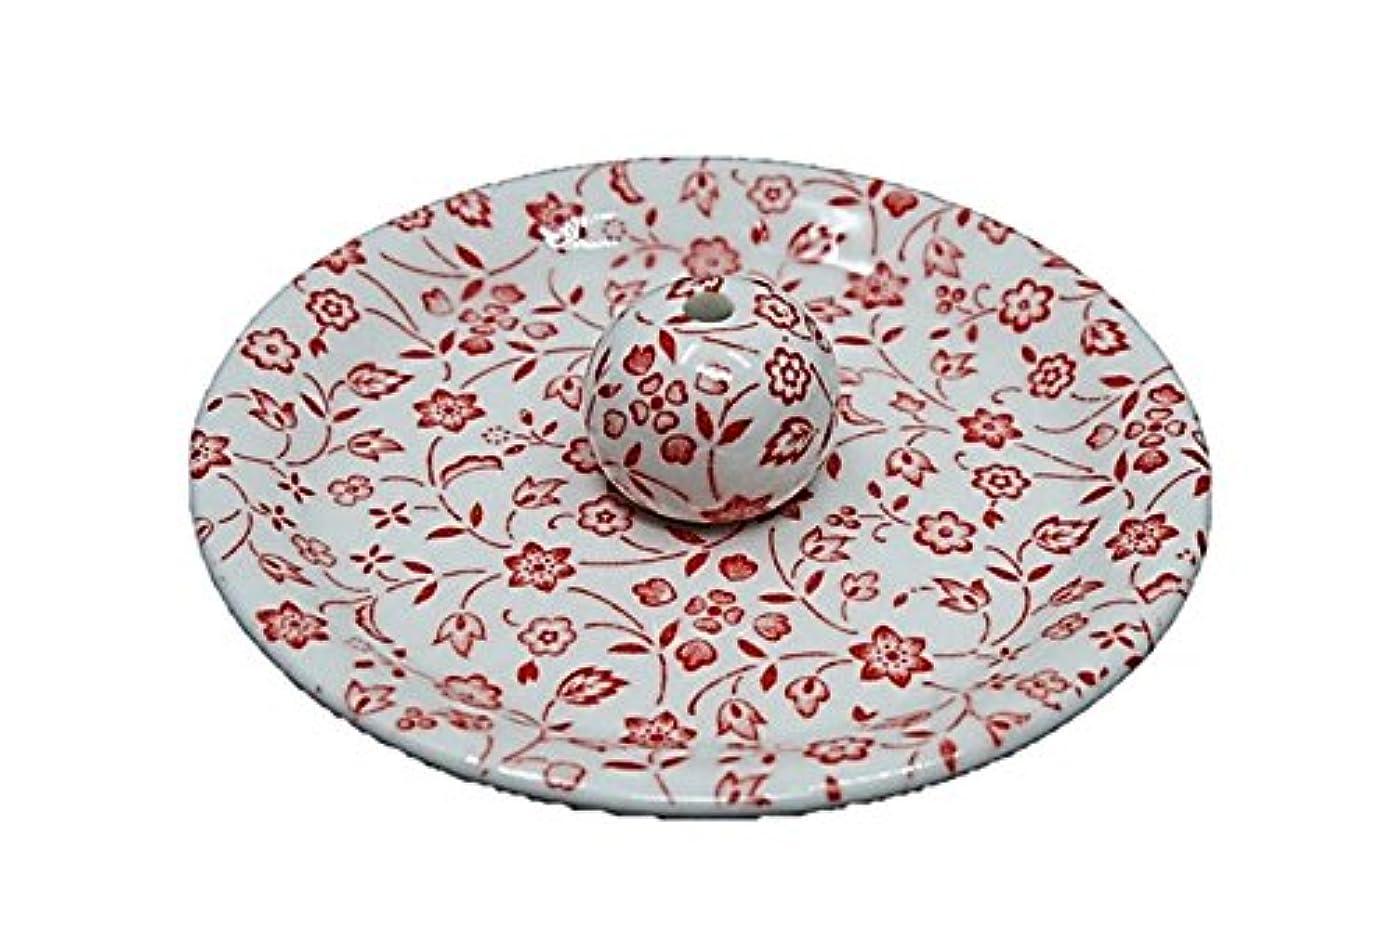 マイルディプロマ再生的9-20 赤小花 9cm香皿 お香立て お香たて 陶器 日本製 製造?直売品